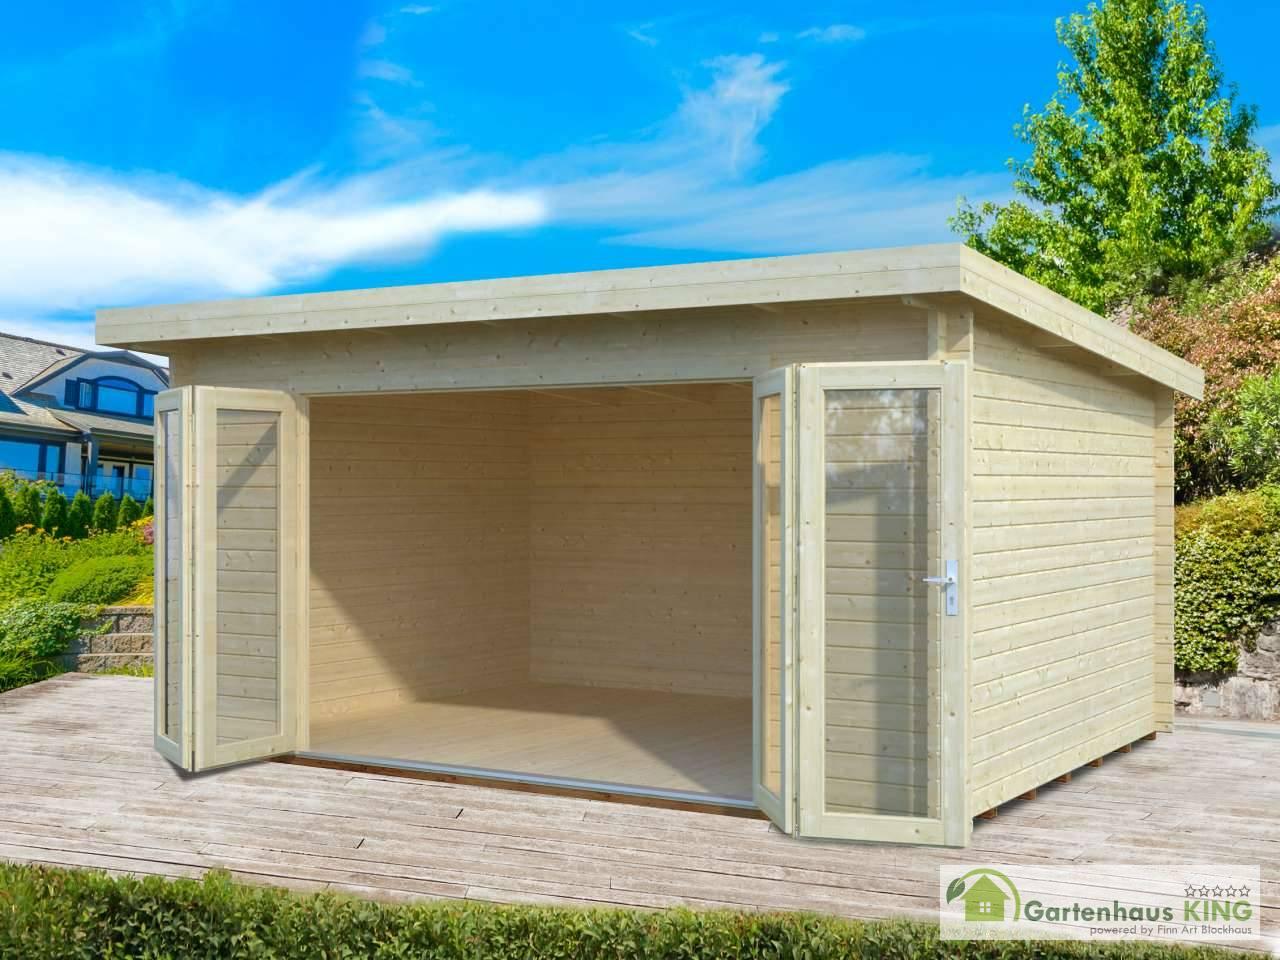 flachdach gartenhaus palmako lea 14,2 m² - gartenhaus-king.de